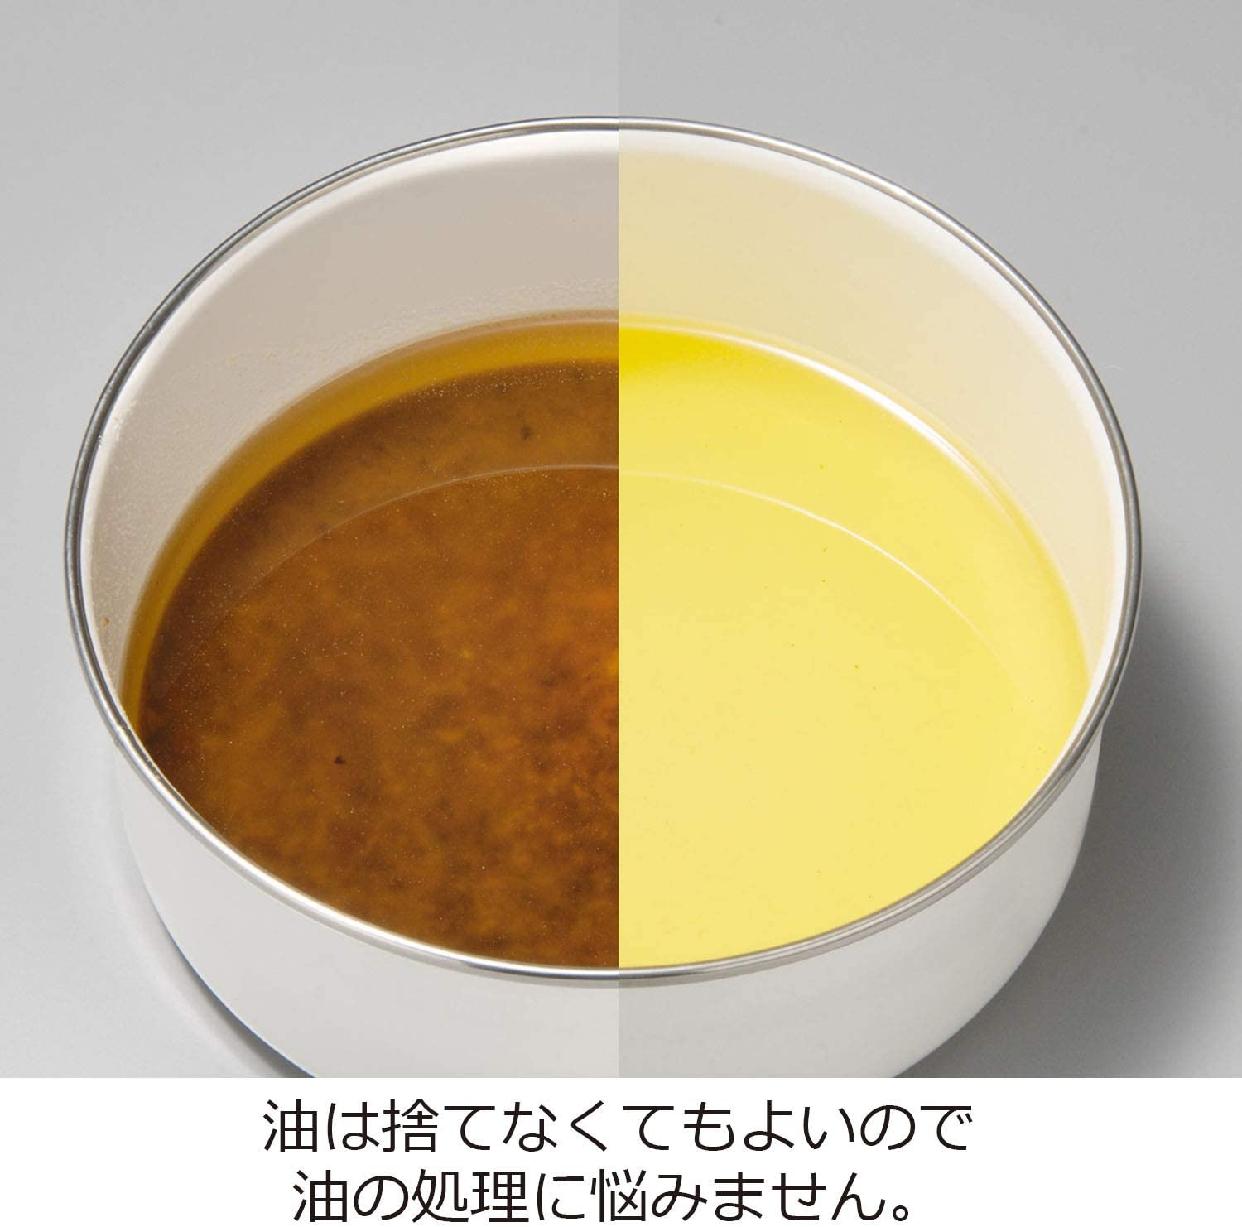 UCHICOOK(ウチクック) クイックフライヤー ブラック UCS2の商品画像6